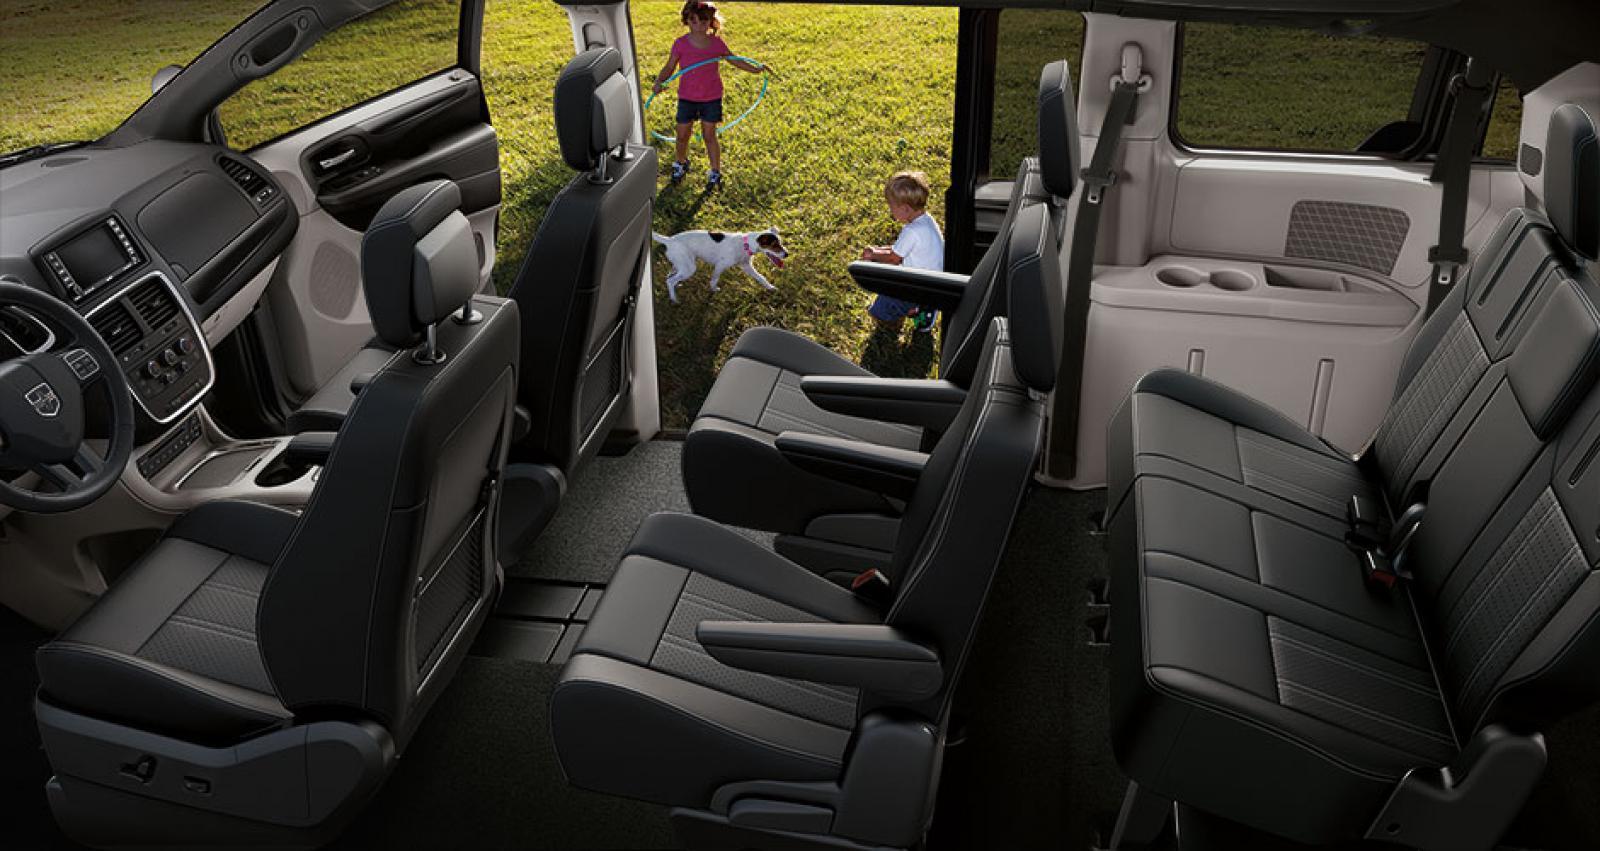 grand wi van mini in caravan sxt merrill and veh dodge g